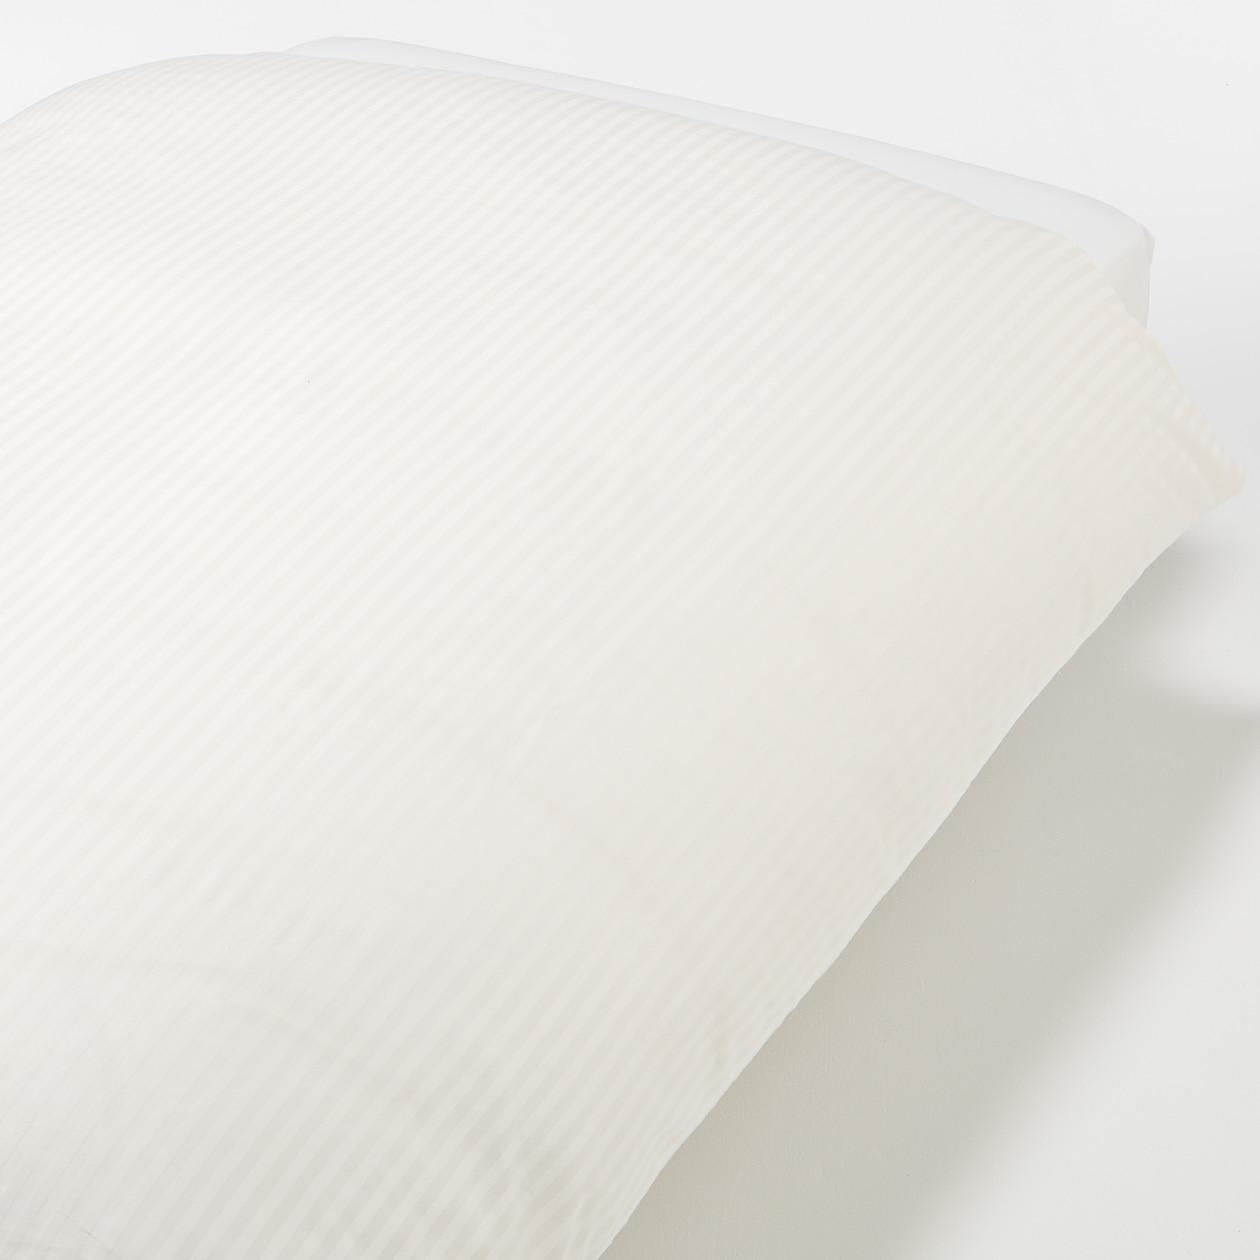 インド綿高密度サテン織ホテル仕様掛ふとんカバーSD/オフ白ストライプ SD/オフ白ストライプ